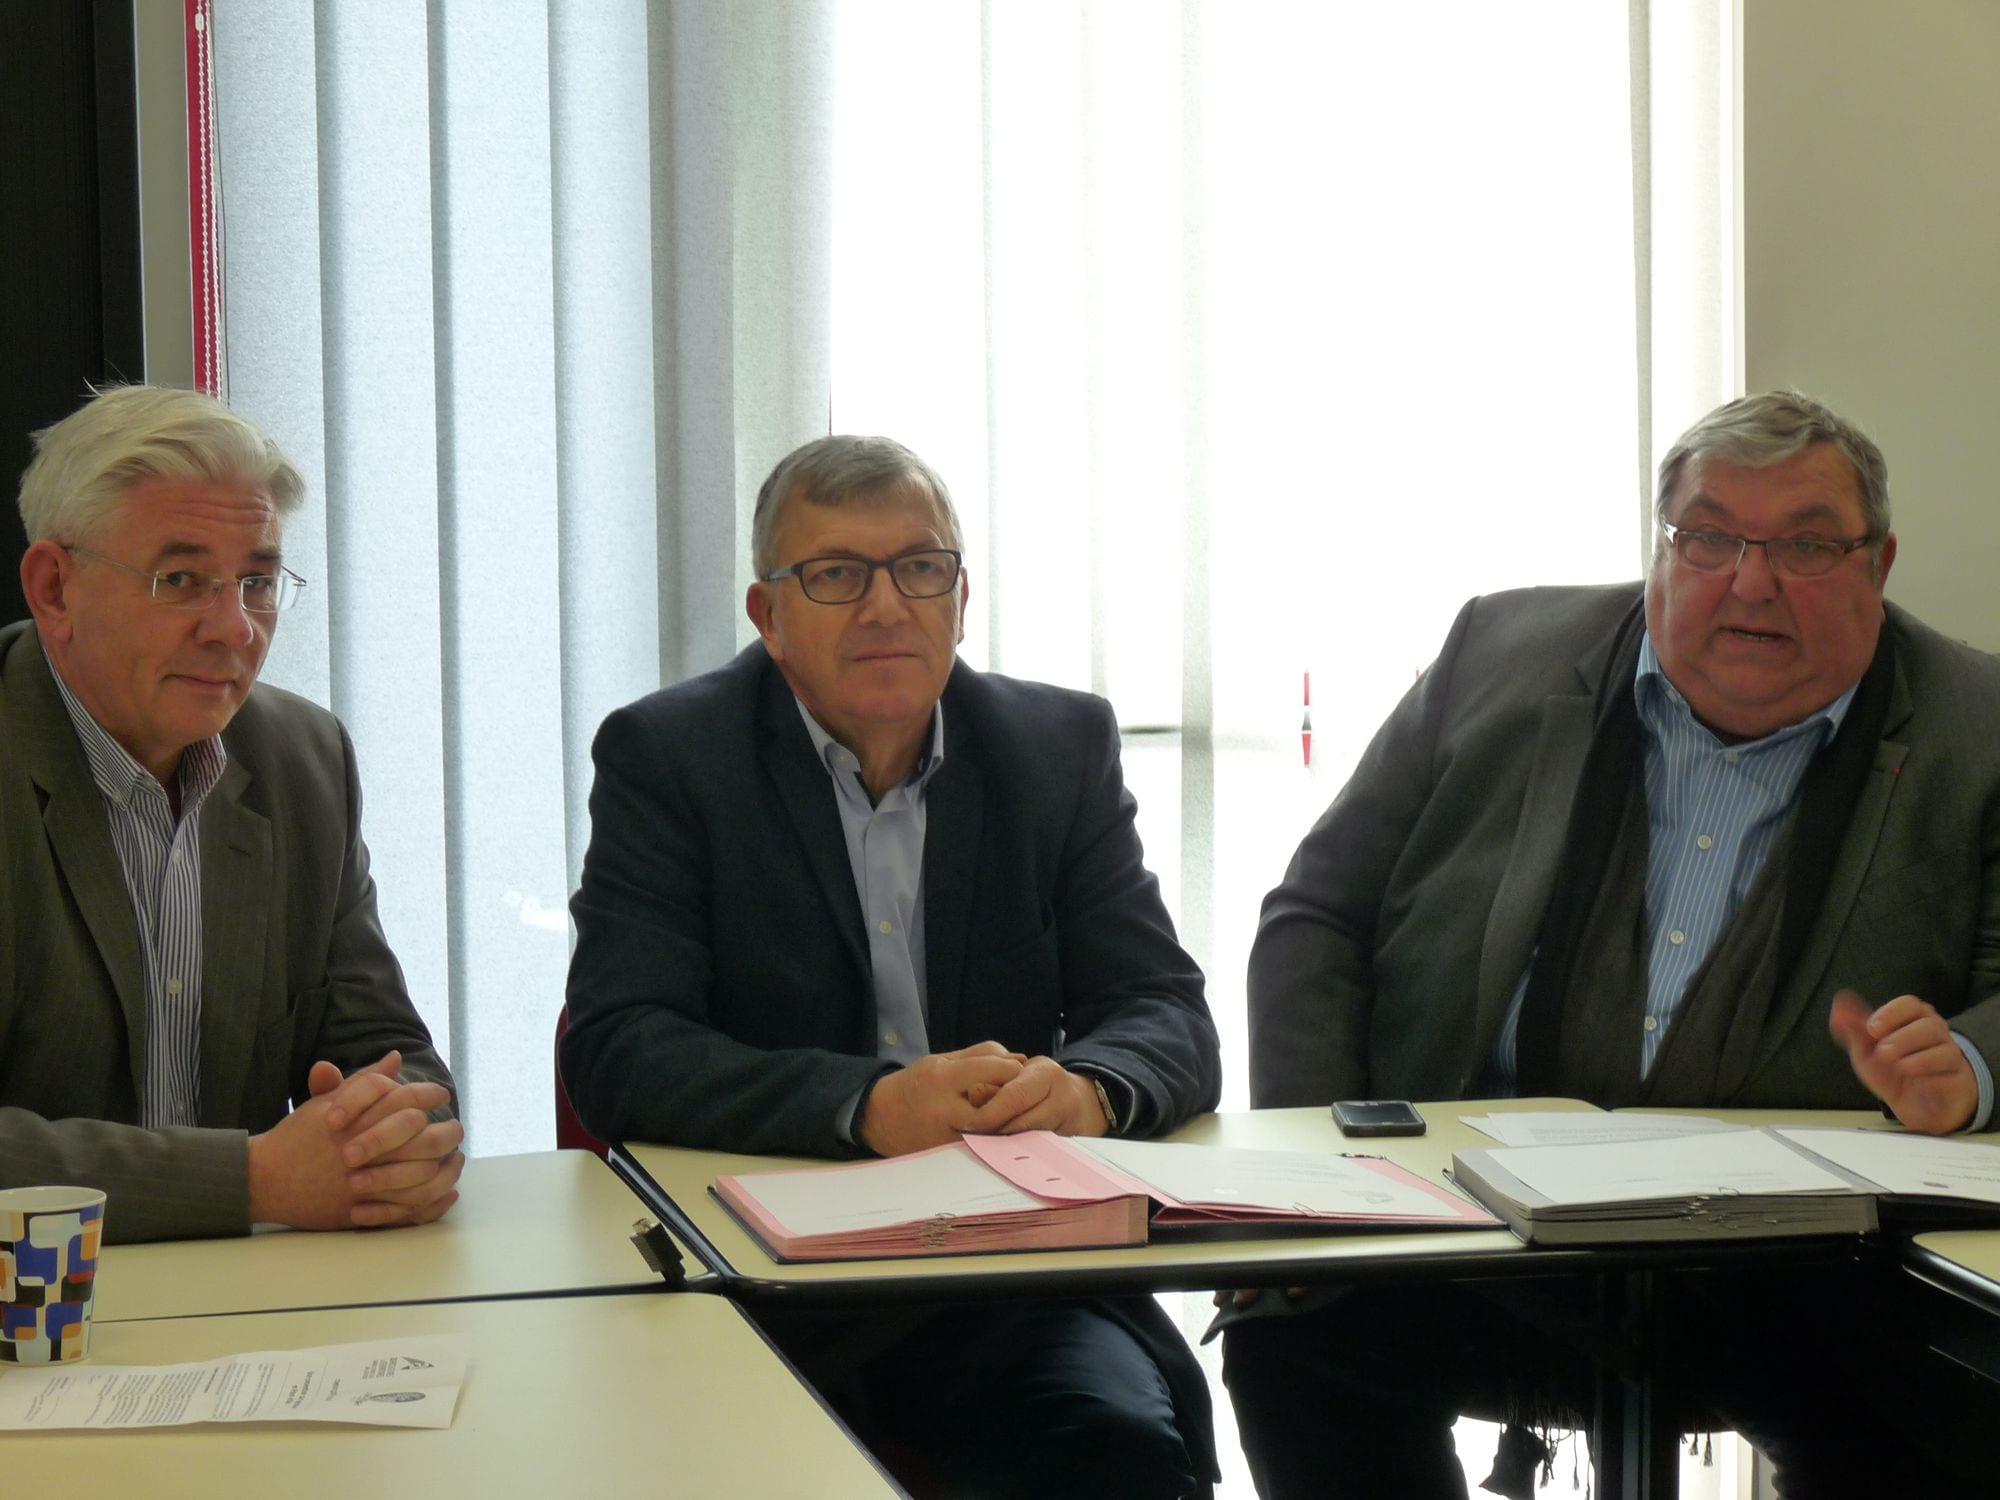 signature de la convention entre le Président du Pays de Blain et le Président de l'a Chambre d'Agriculture de Loire-Atlantique.